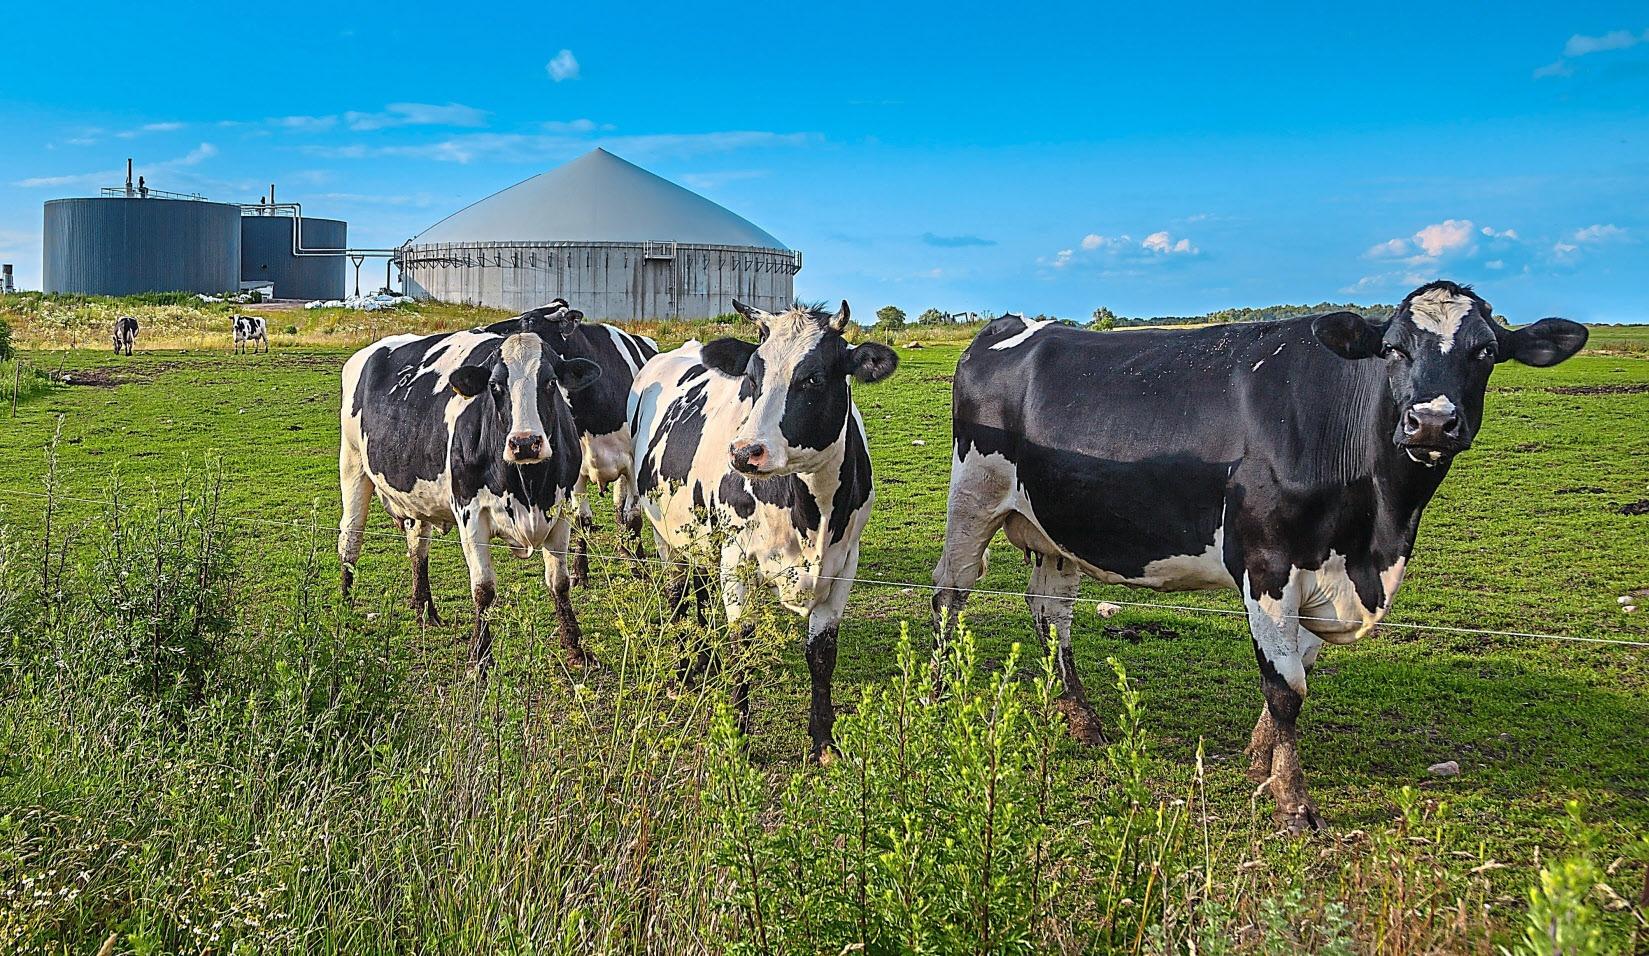 Die Synergien aus Tierhaltung, Pflanzenproduktion und Energiegewinnung werden in der Landwirtschaft schon seit Jahren genutzt. Neue Technologien machen sie noch wirksamer. Foto: Getty Images